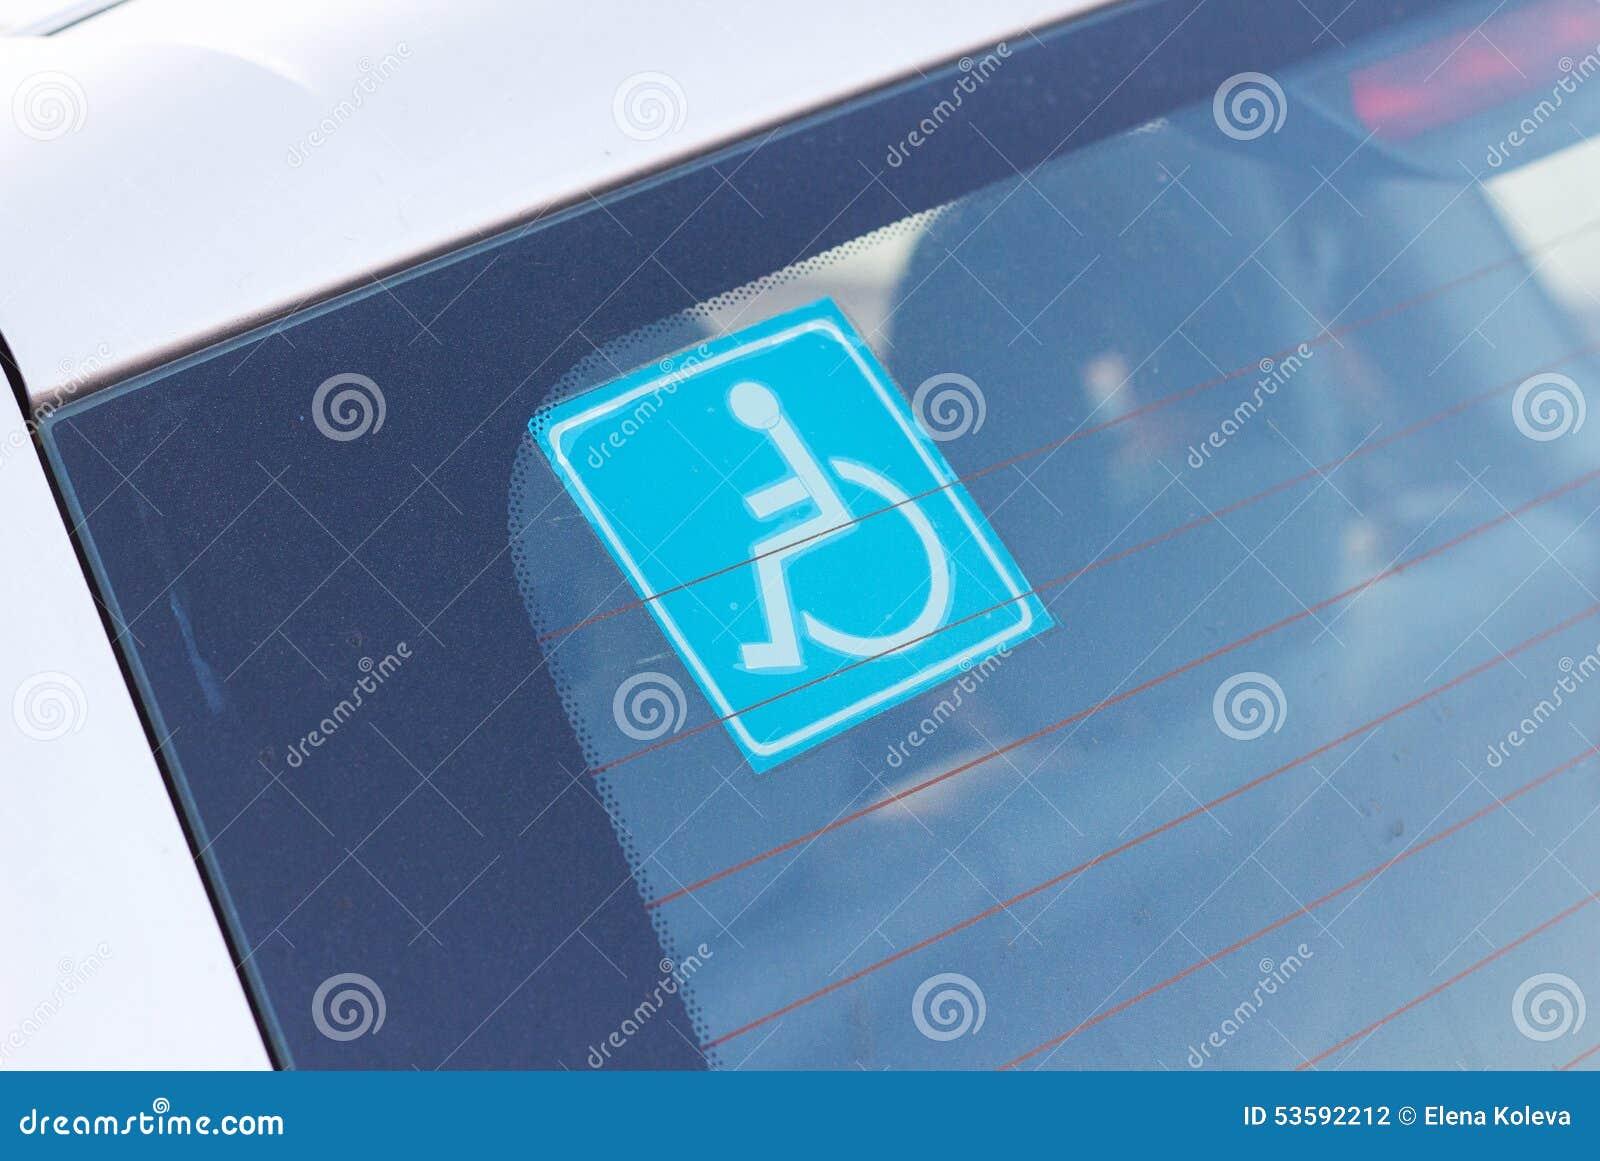 autocollant handicap de stationnement sur la voiture photo stock image 53592212. Black Bedroom Furniture Sets. Home Design Ideas